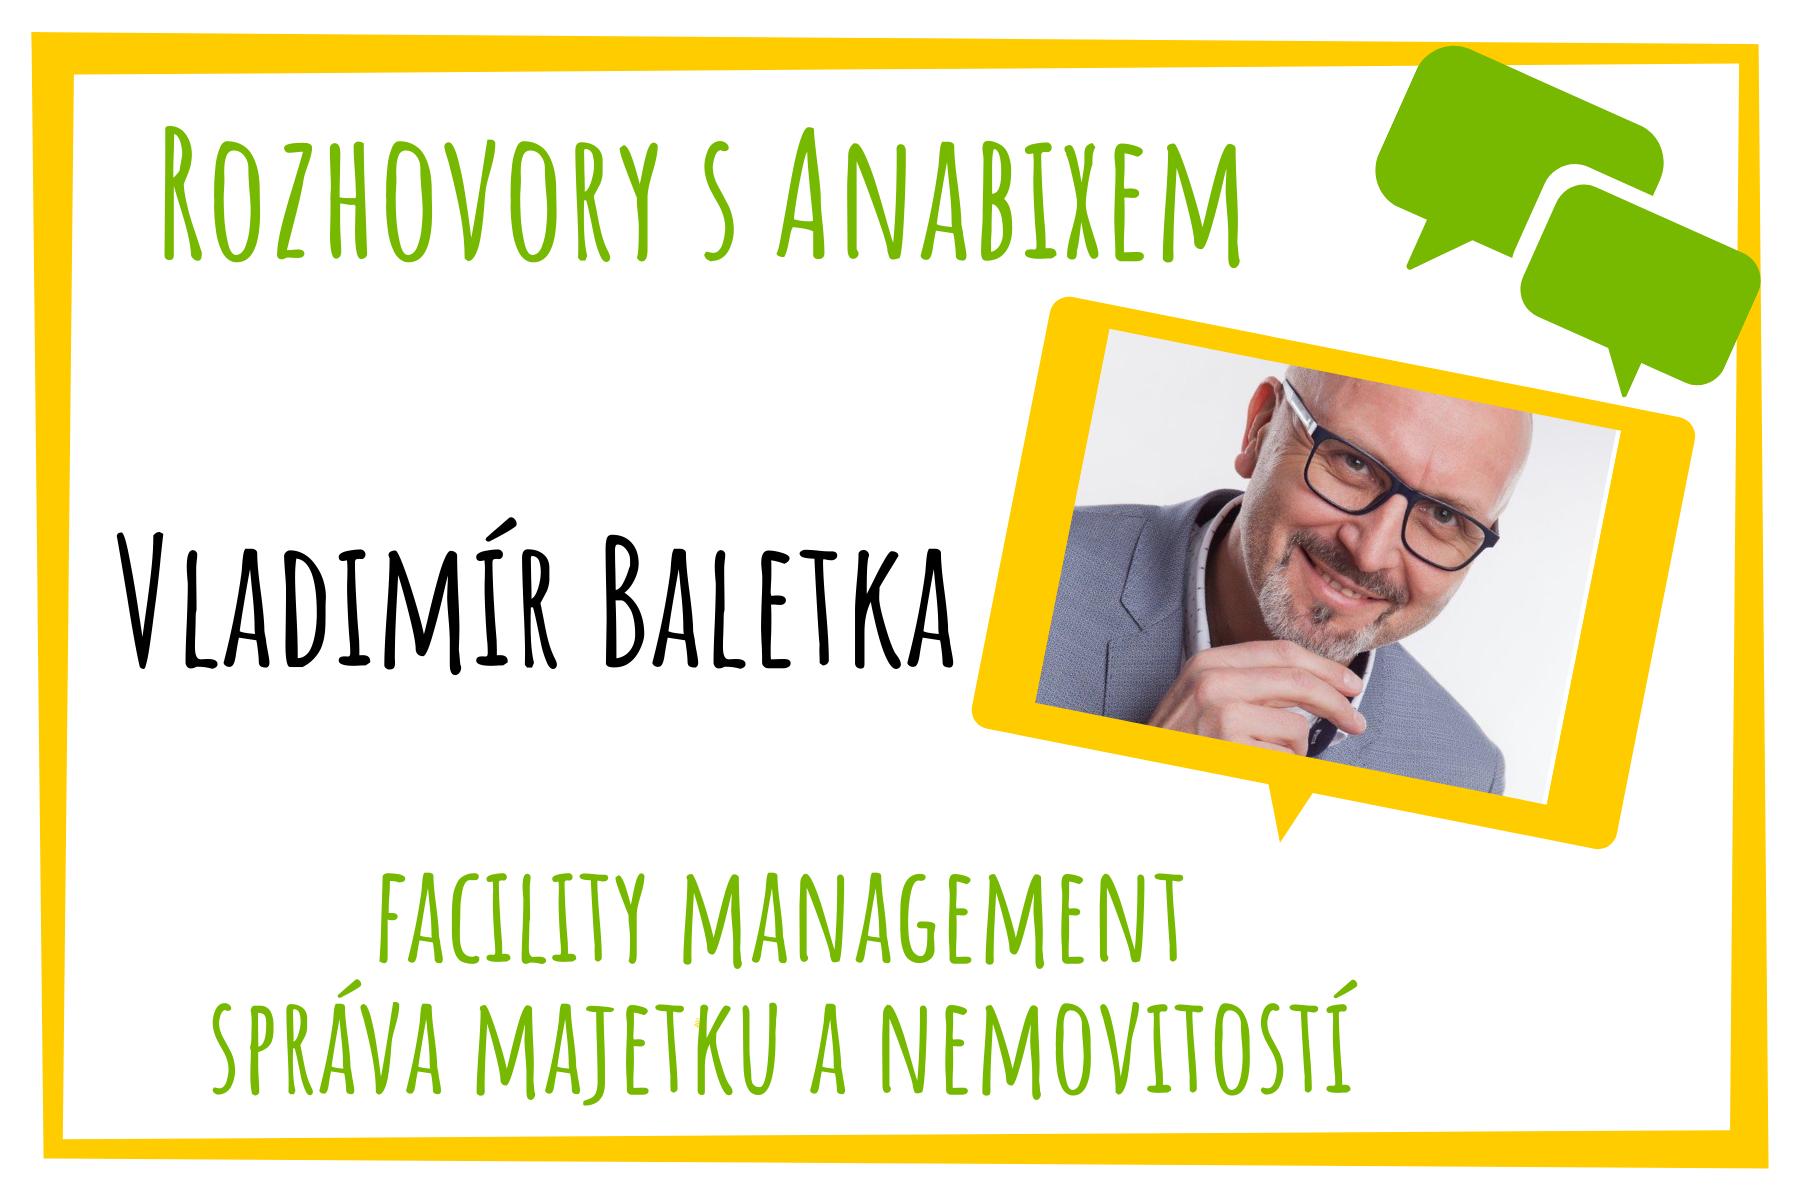 Rozhovory sAnabixem - Vladimír Baletka